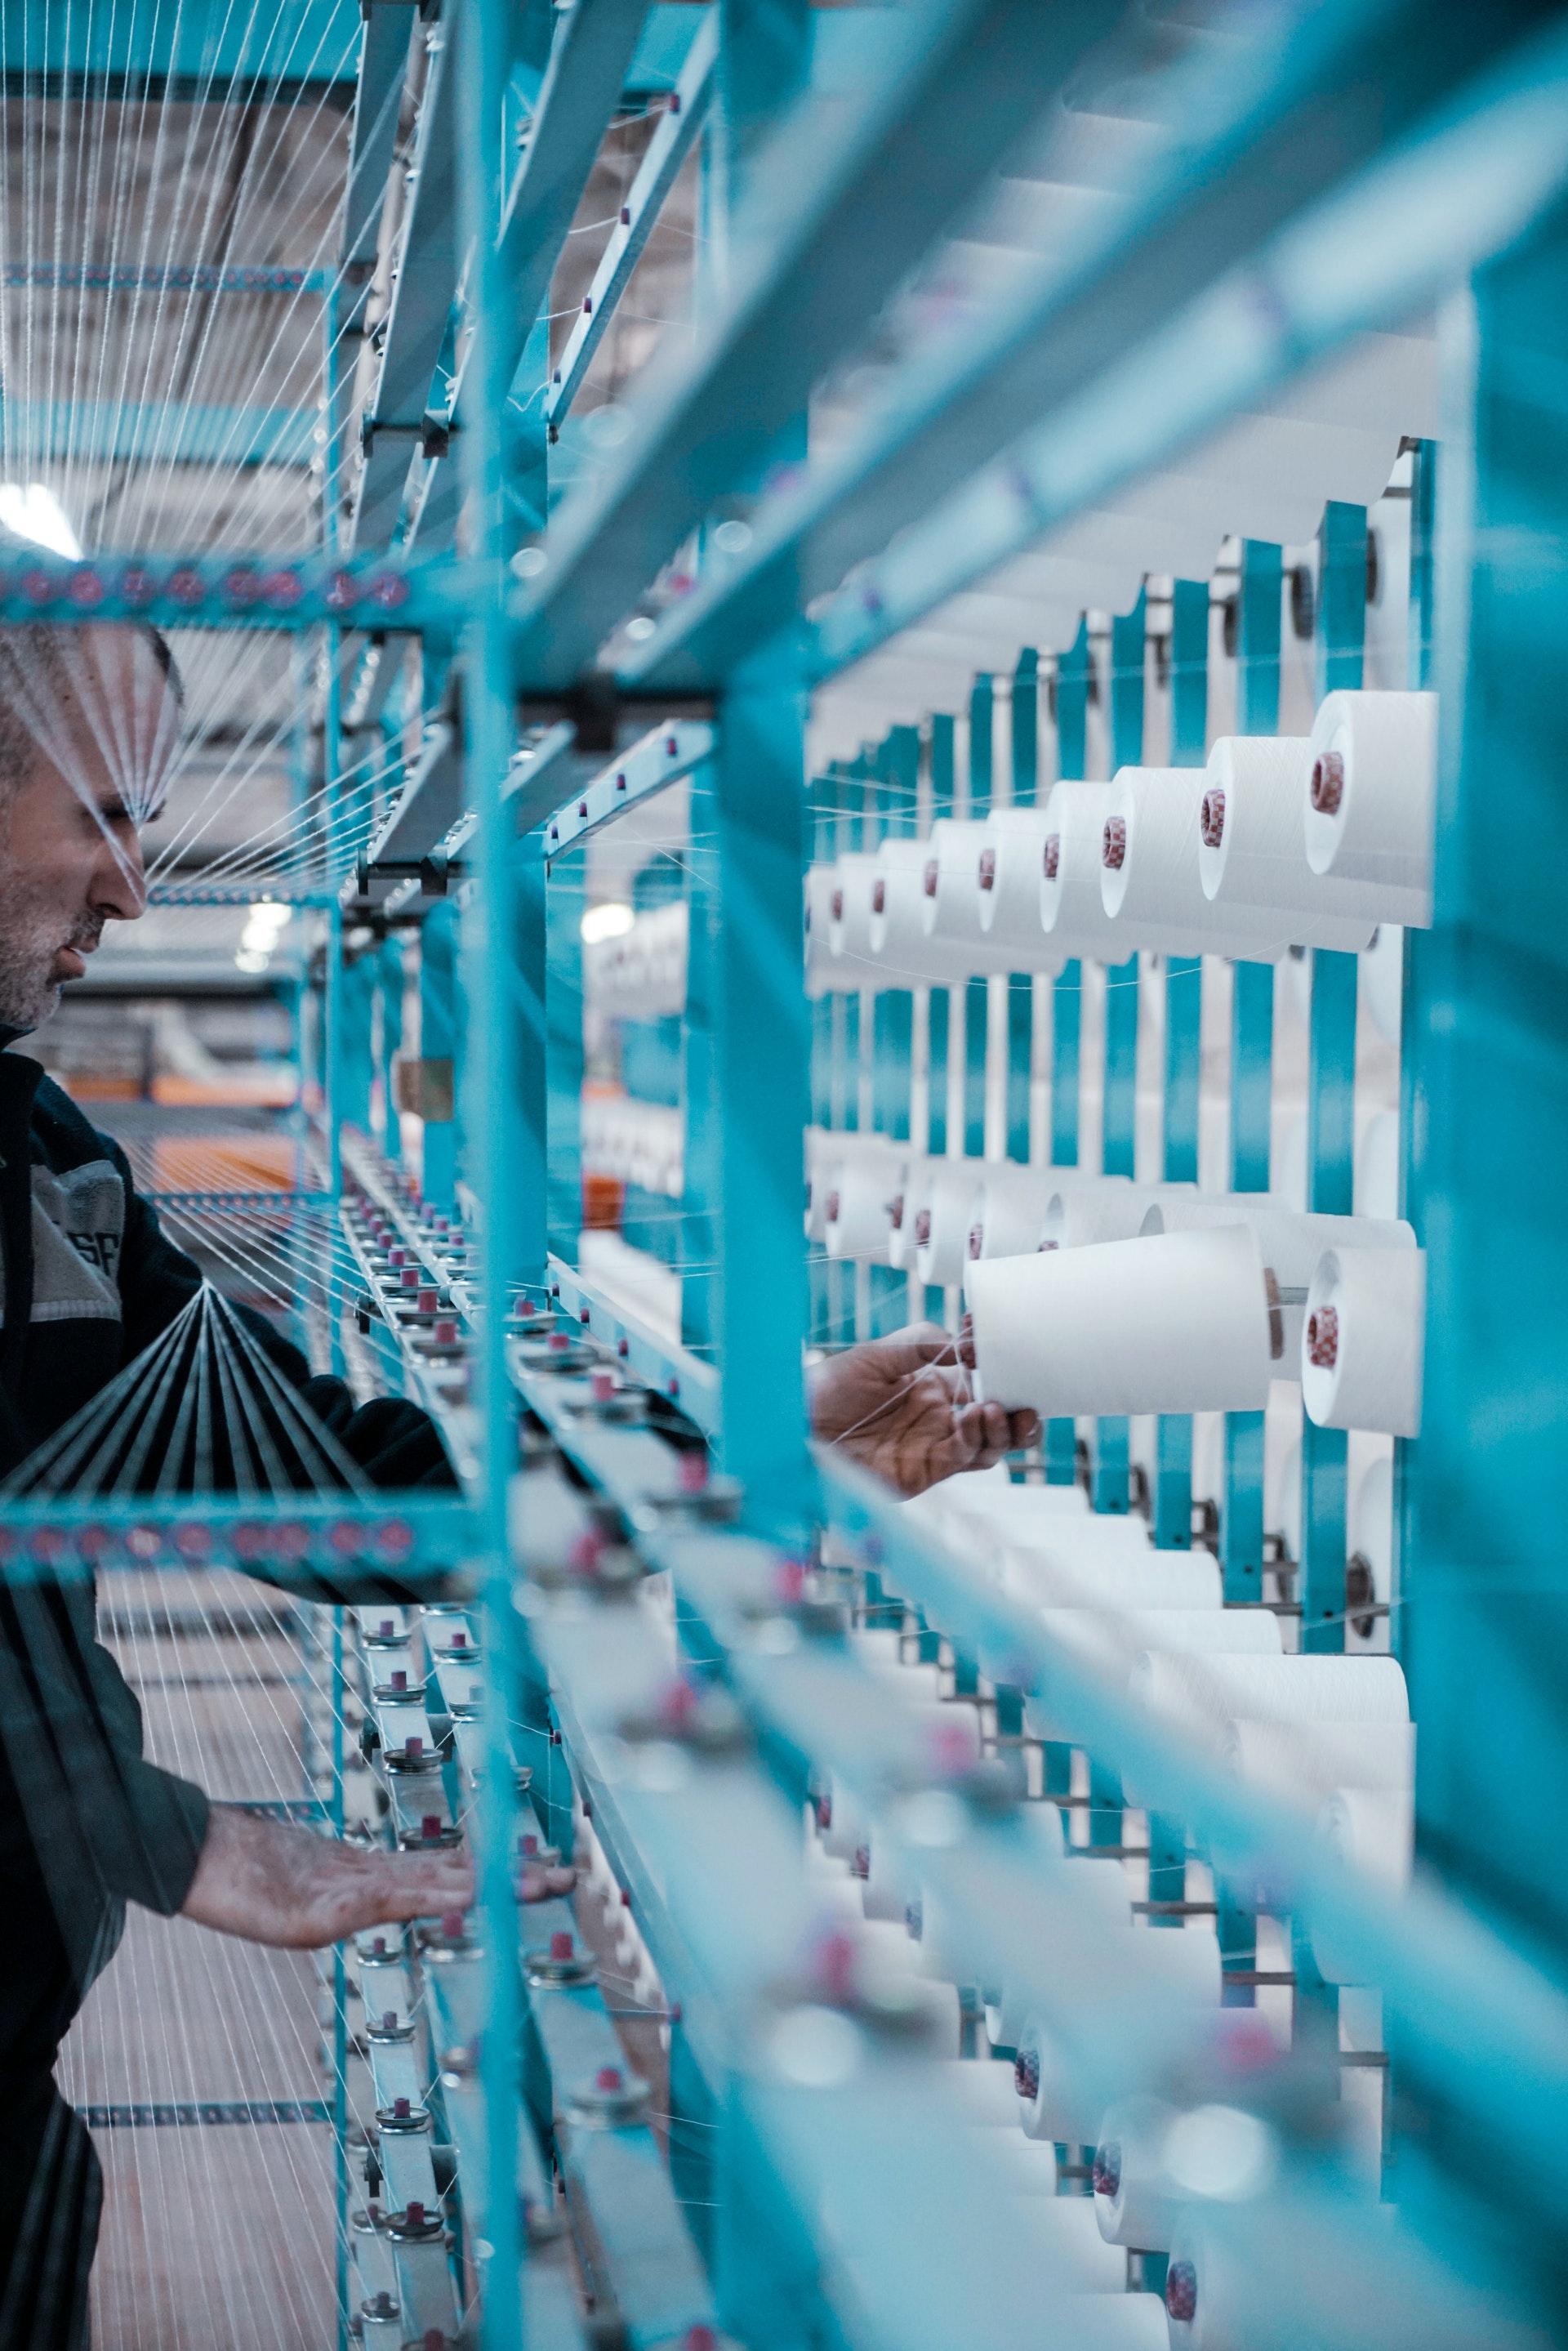 El control de calidad durante la fabricación